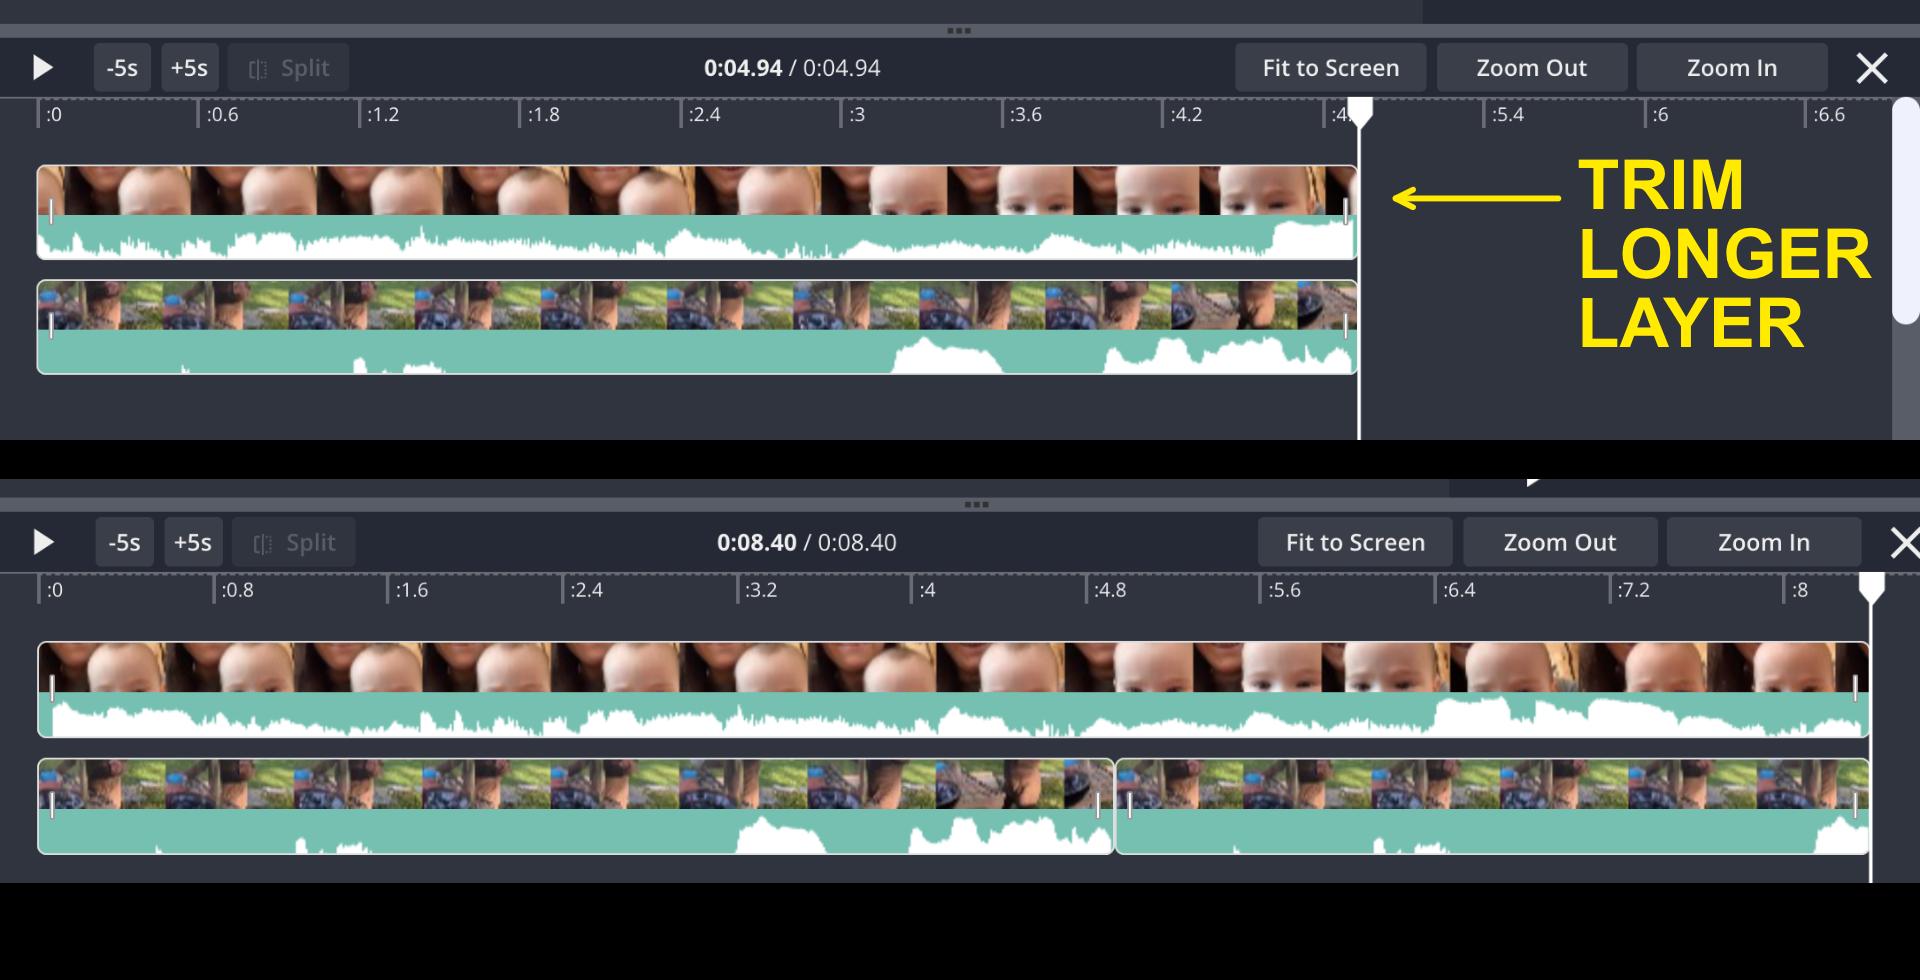 Side by side videos in timeline